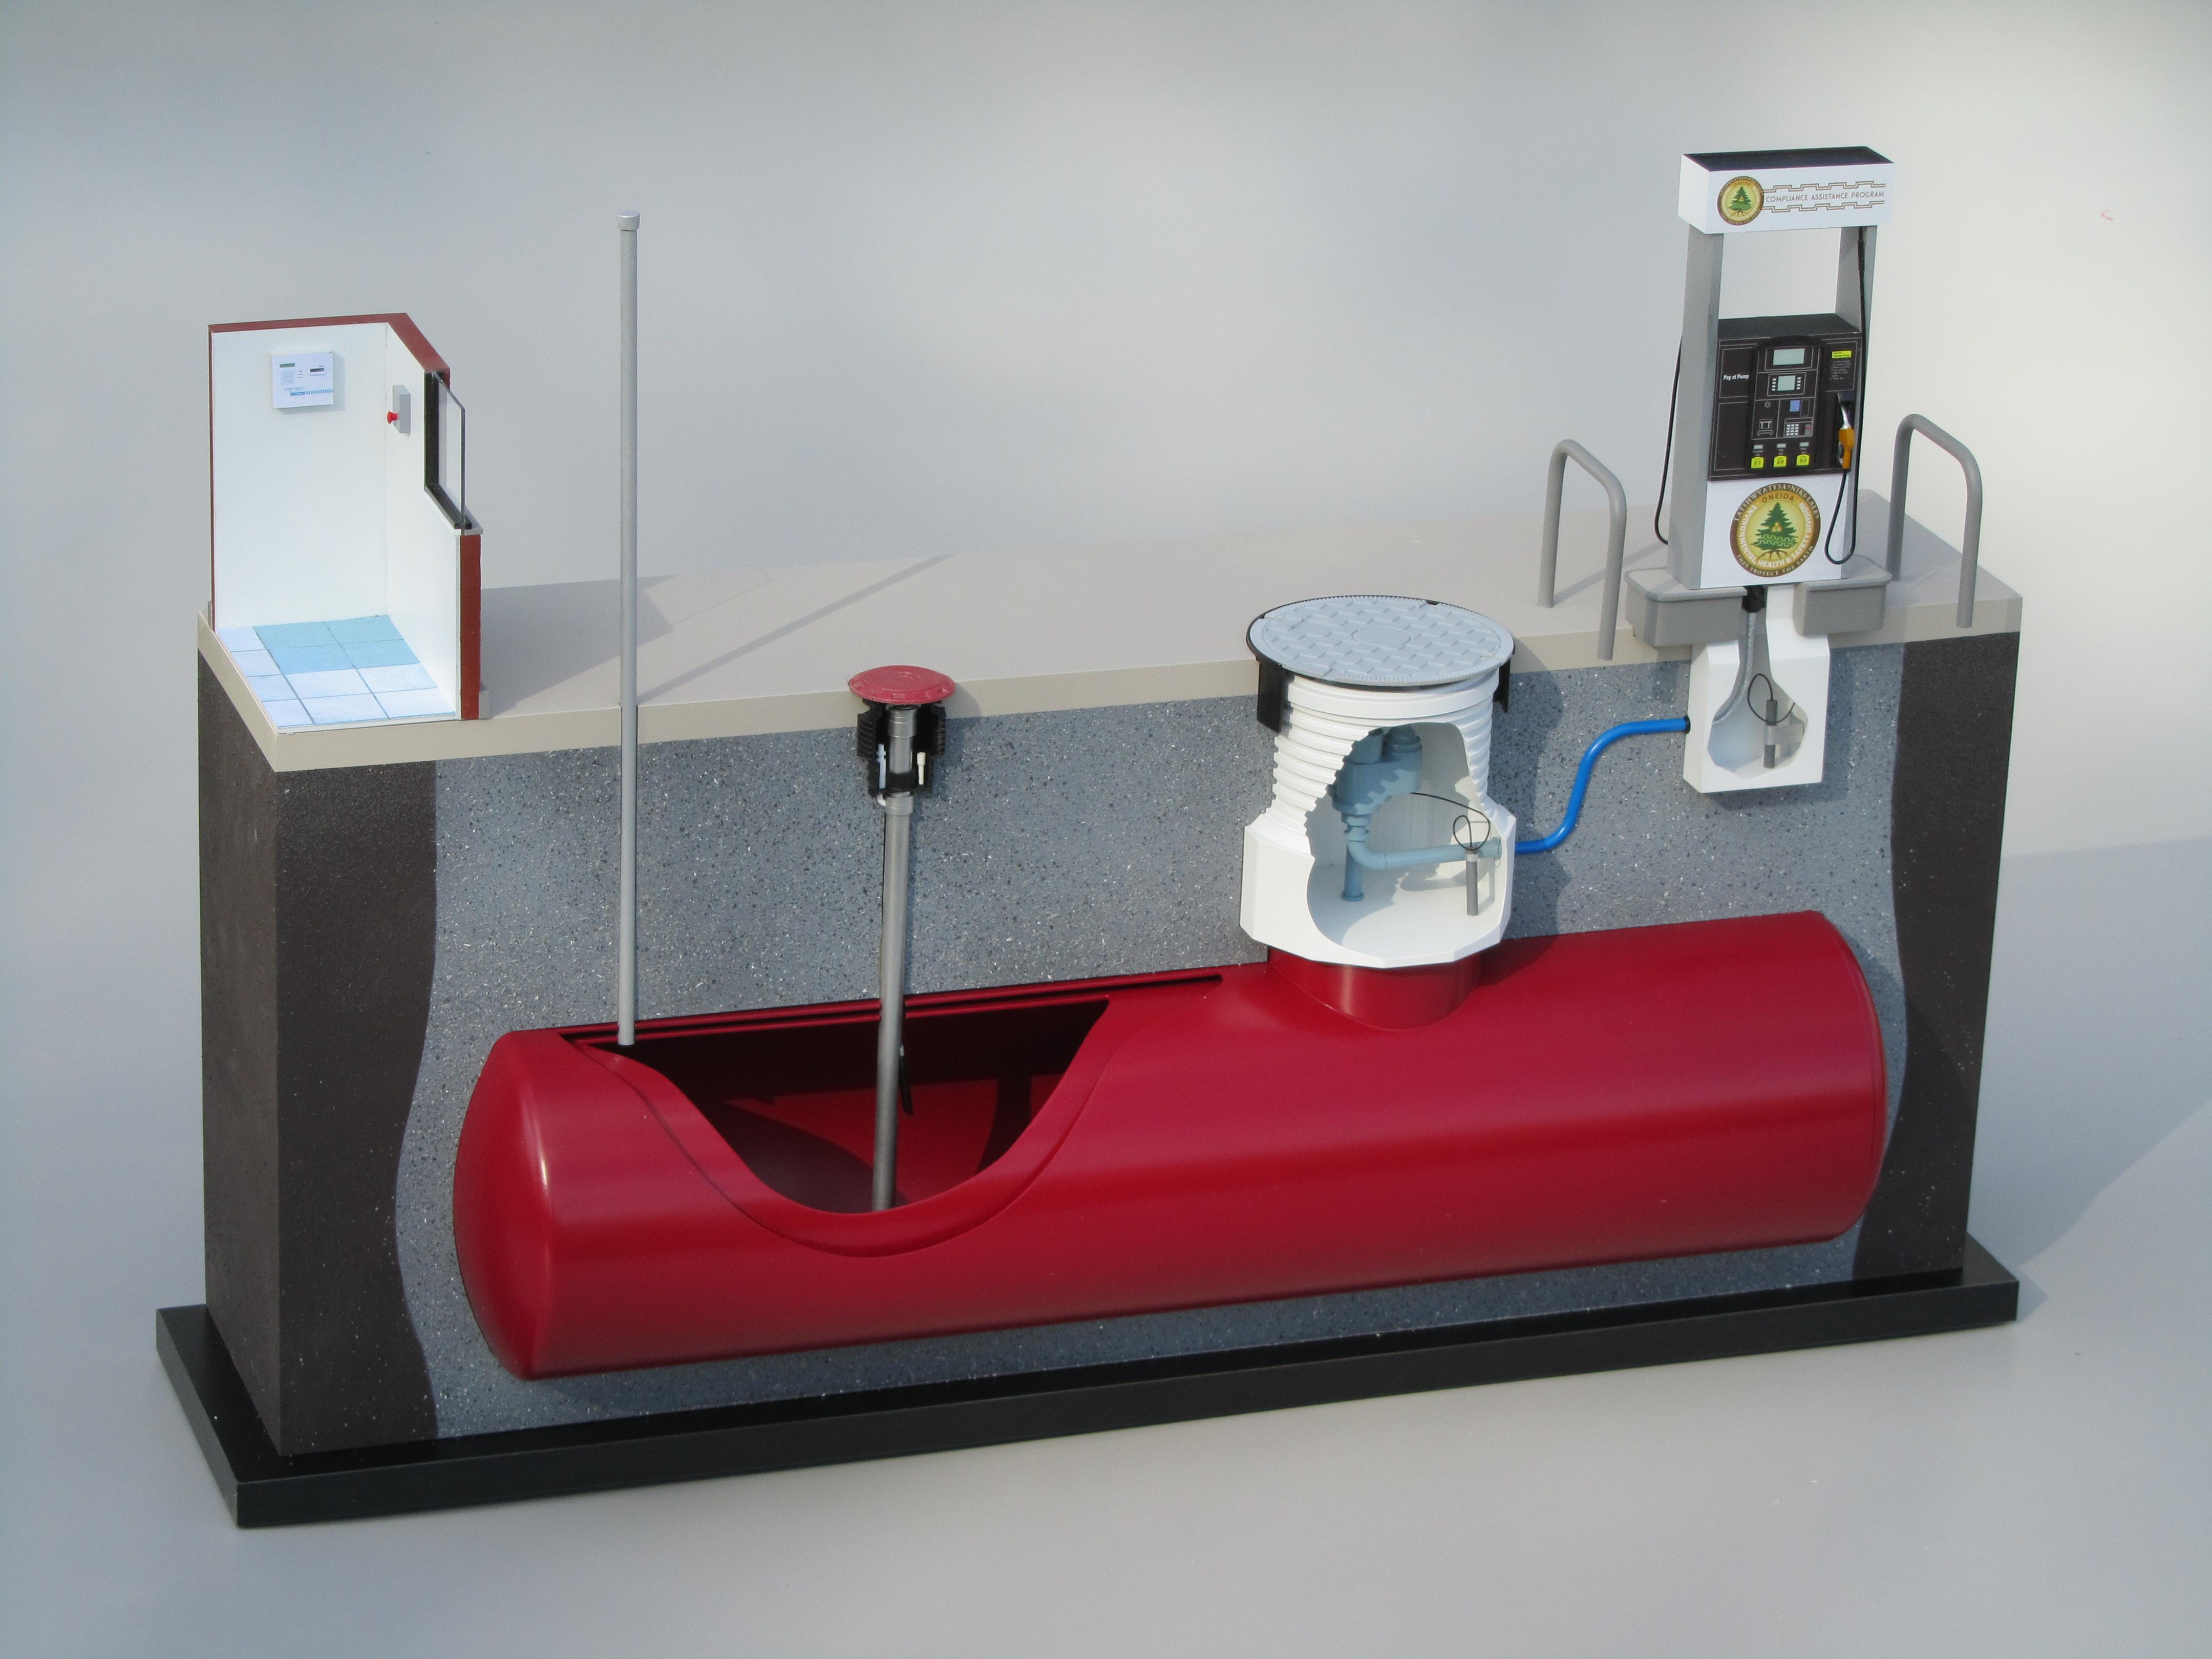 Gas station underground storage